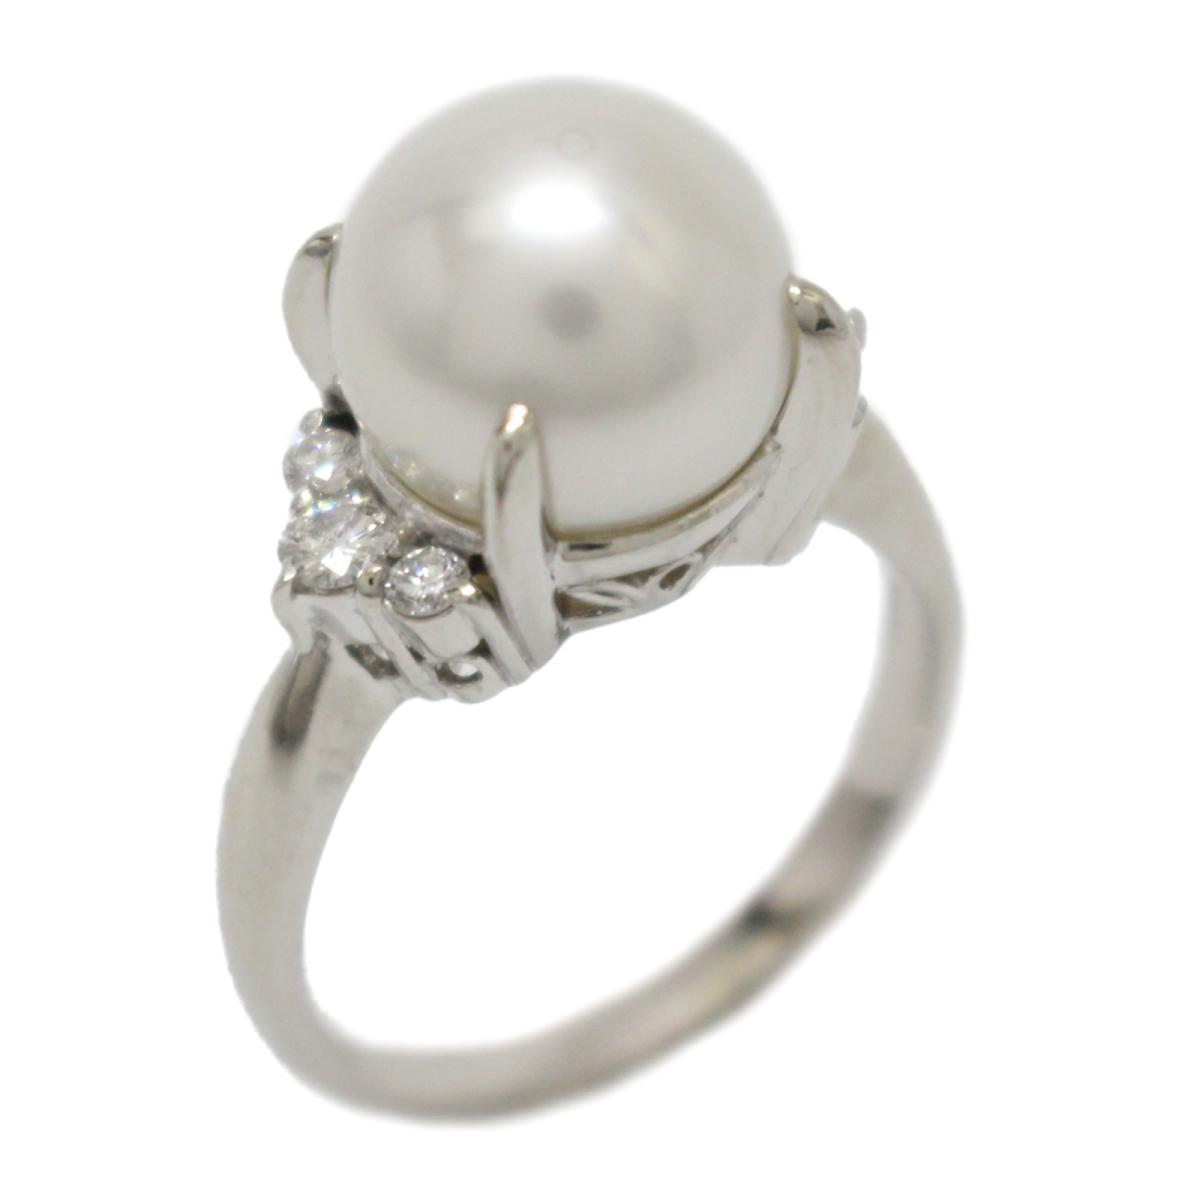 【中古】 ジュエリー パール ダイヤモンド リング 指輪 レディース PT900 プラチナ x (11mm) (0.27ct) ホワイト クリアー | JEWELRY BRANDOFF ブランドオフ ブランド アクセサリー